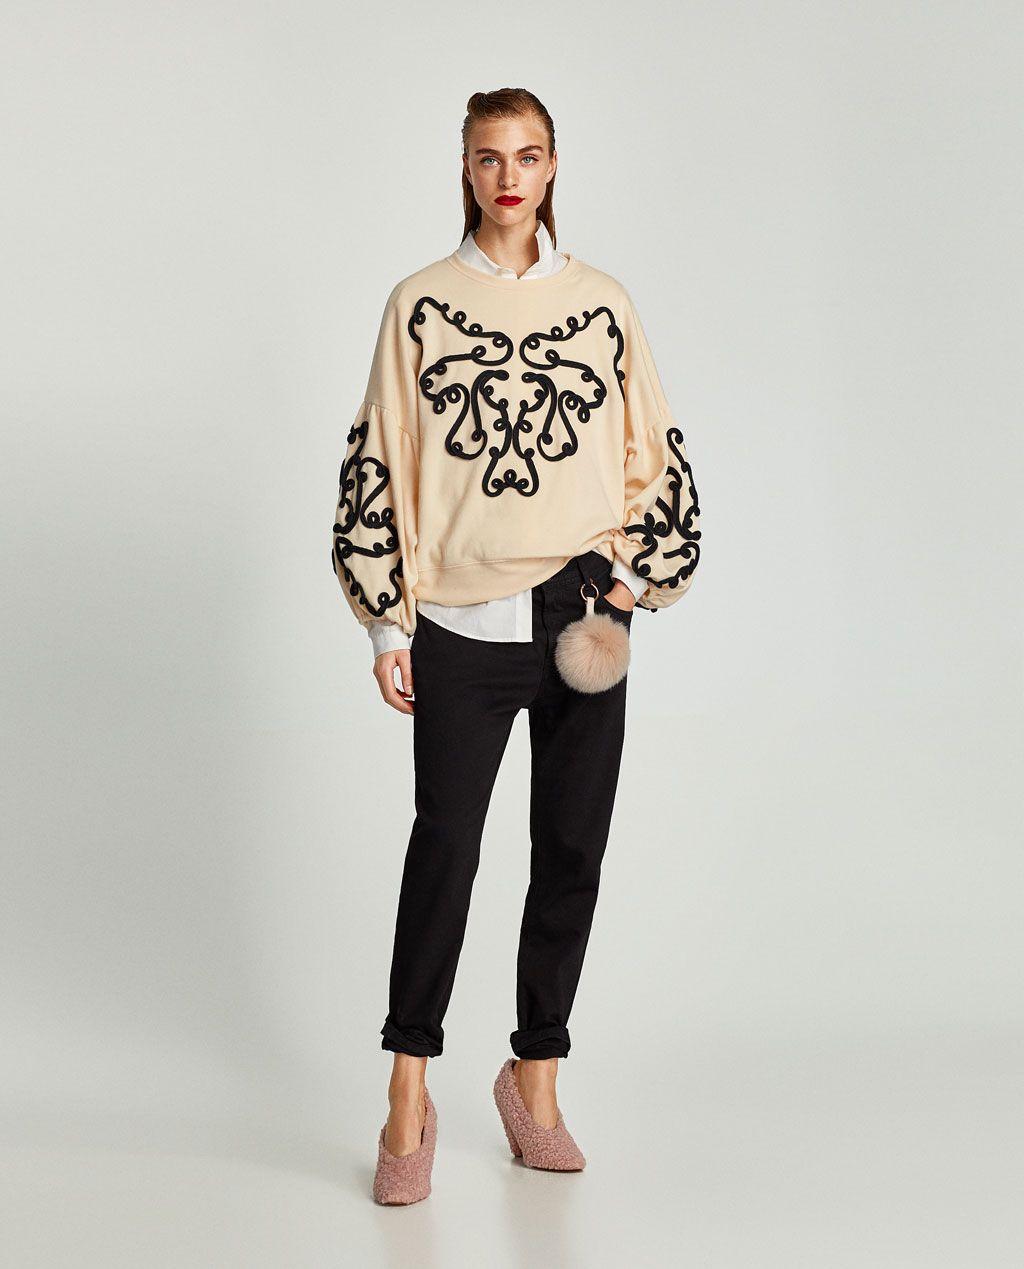 SUDADERA CINTAS CONTRASTE | QUE ME PONGO? | Sudaderas, Zara y Moda